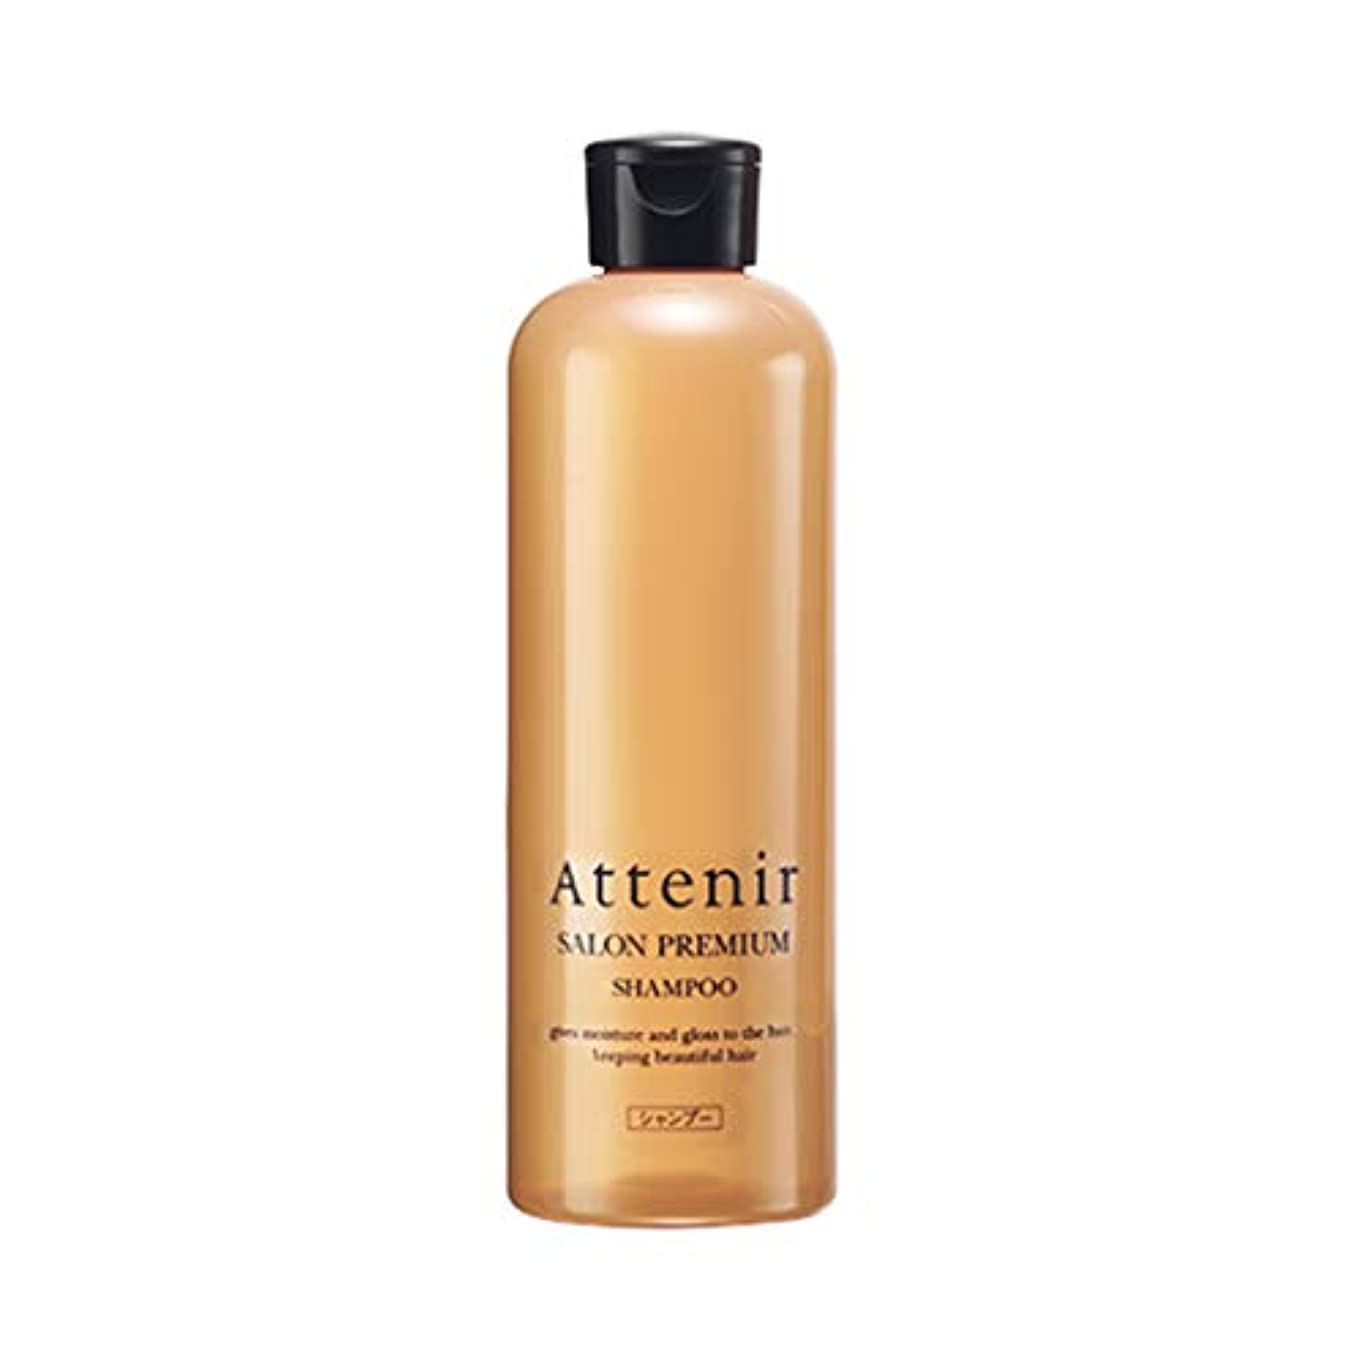 イベント人類ブロックアテニア サロンプレミアム シャンプー グランフローラルの香り 毛髪補強成分配合 300ml